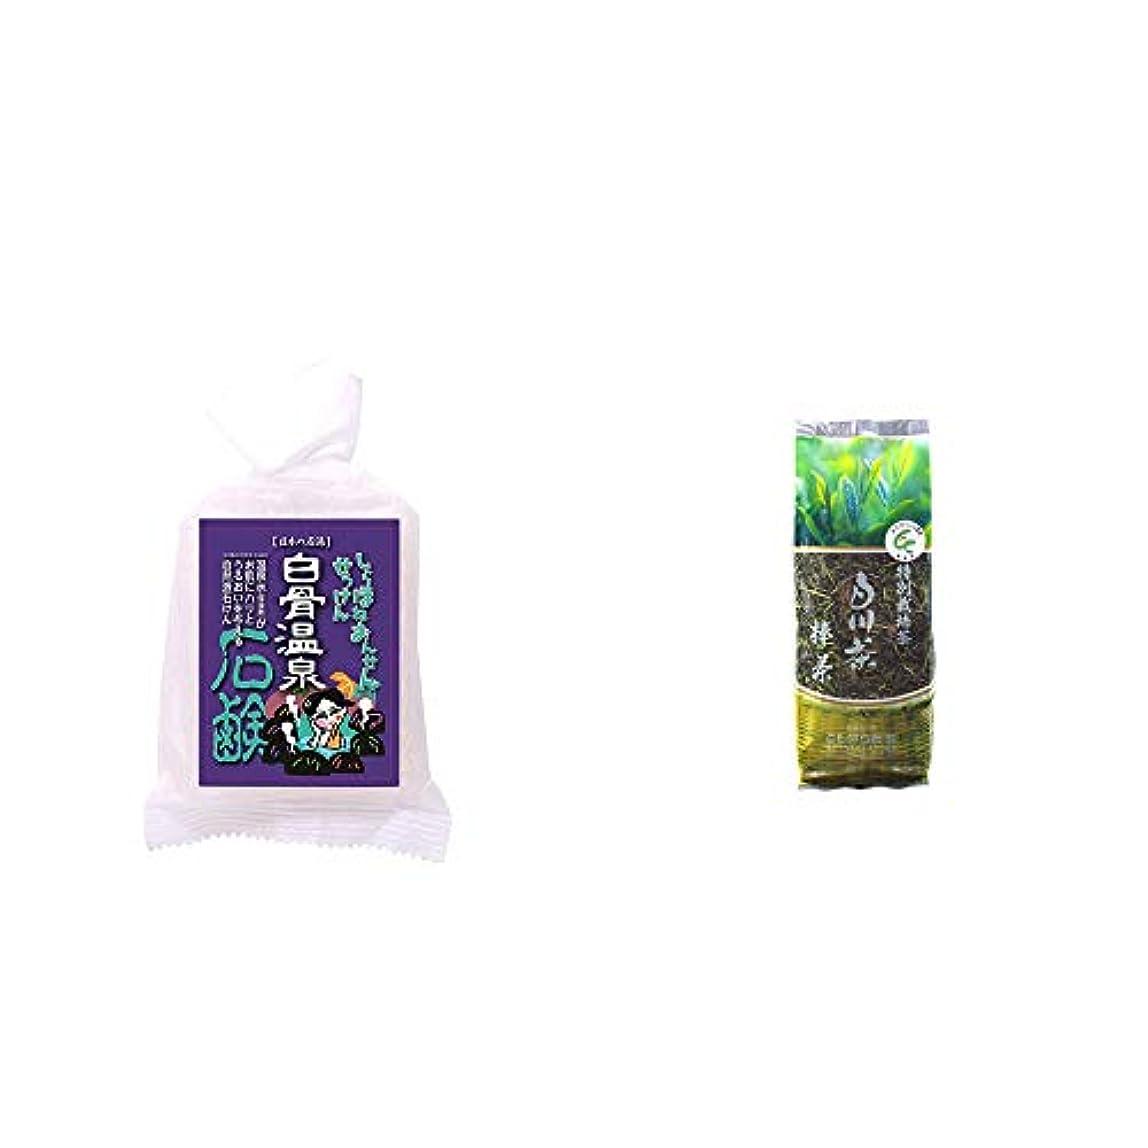 カブ最愛の切手[2点セット] 信州 白骨温泉石鹸(80g)?白川茶 特別栽培茶【棒茶】(150g)